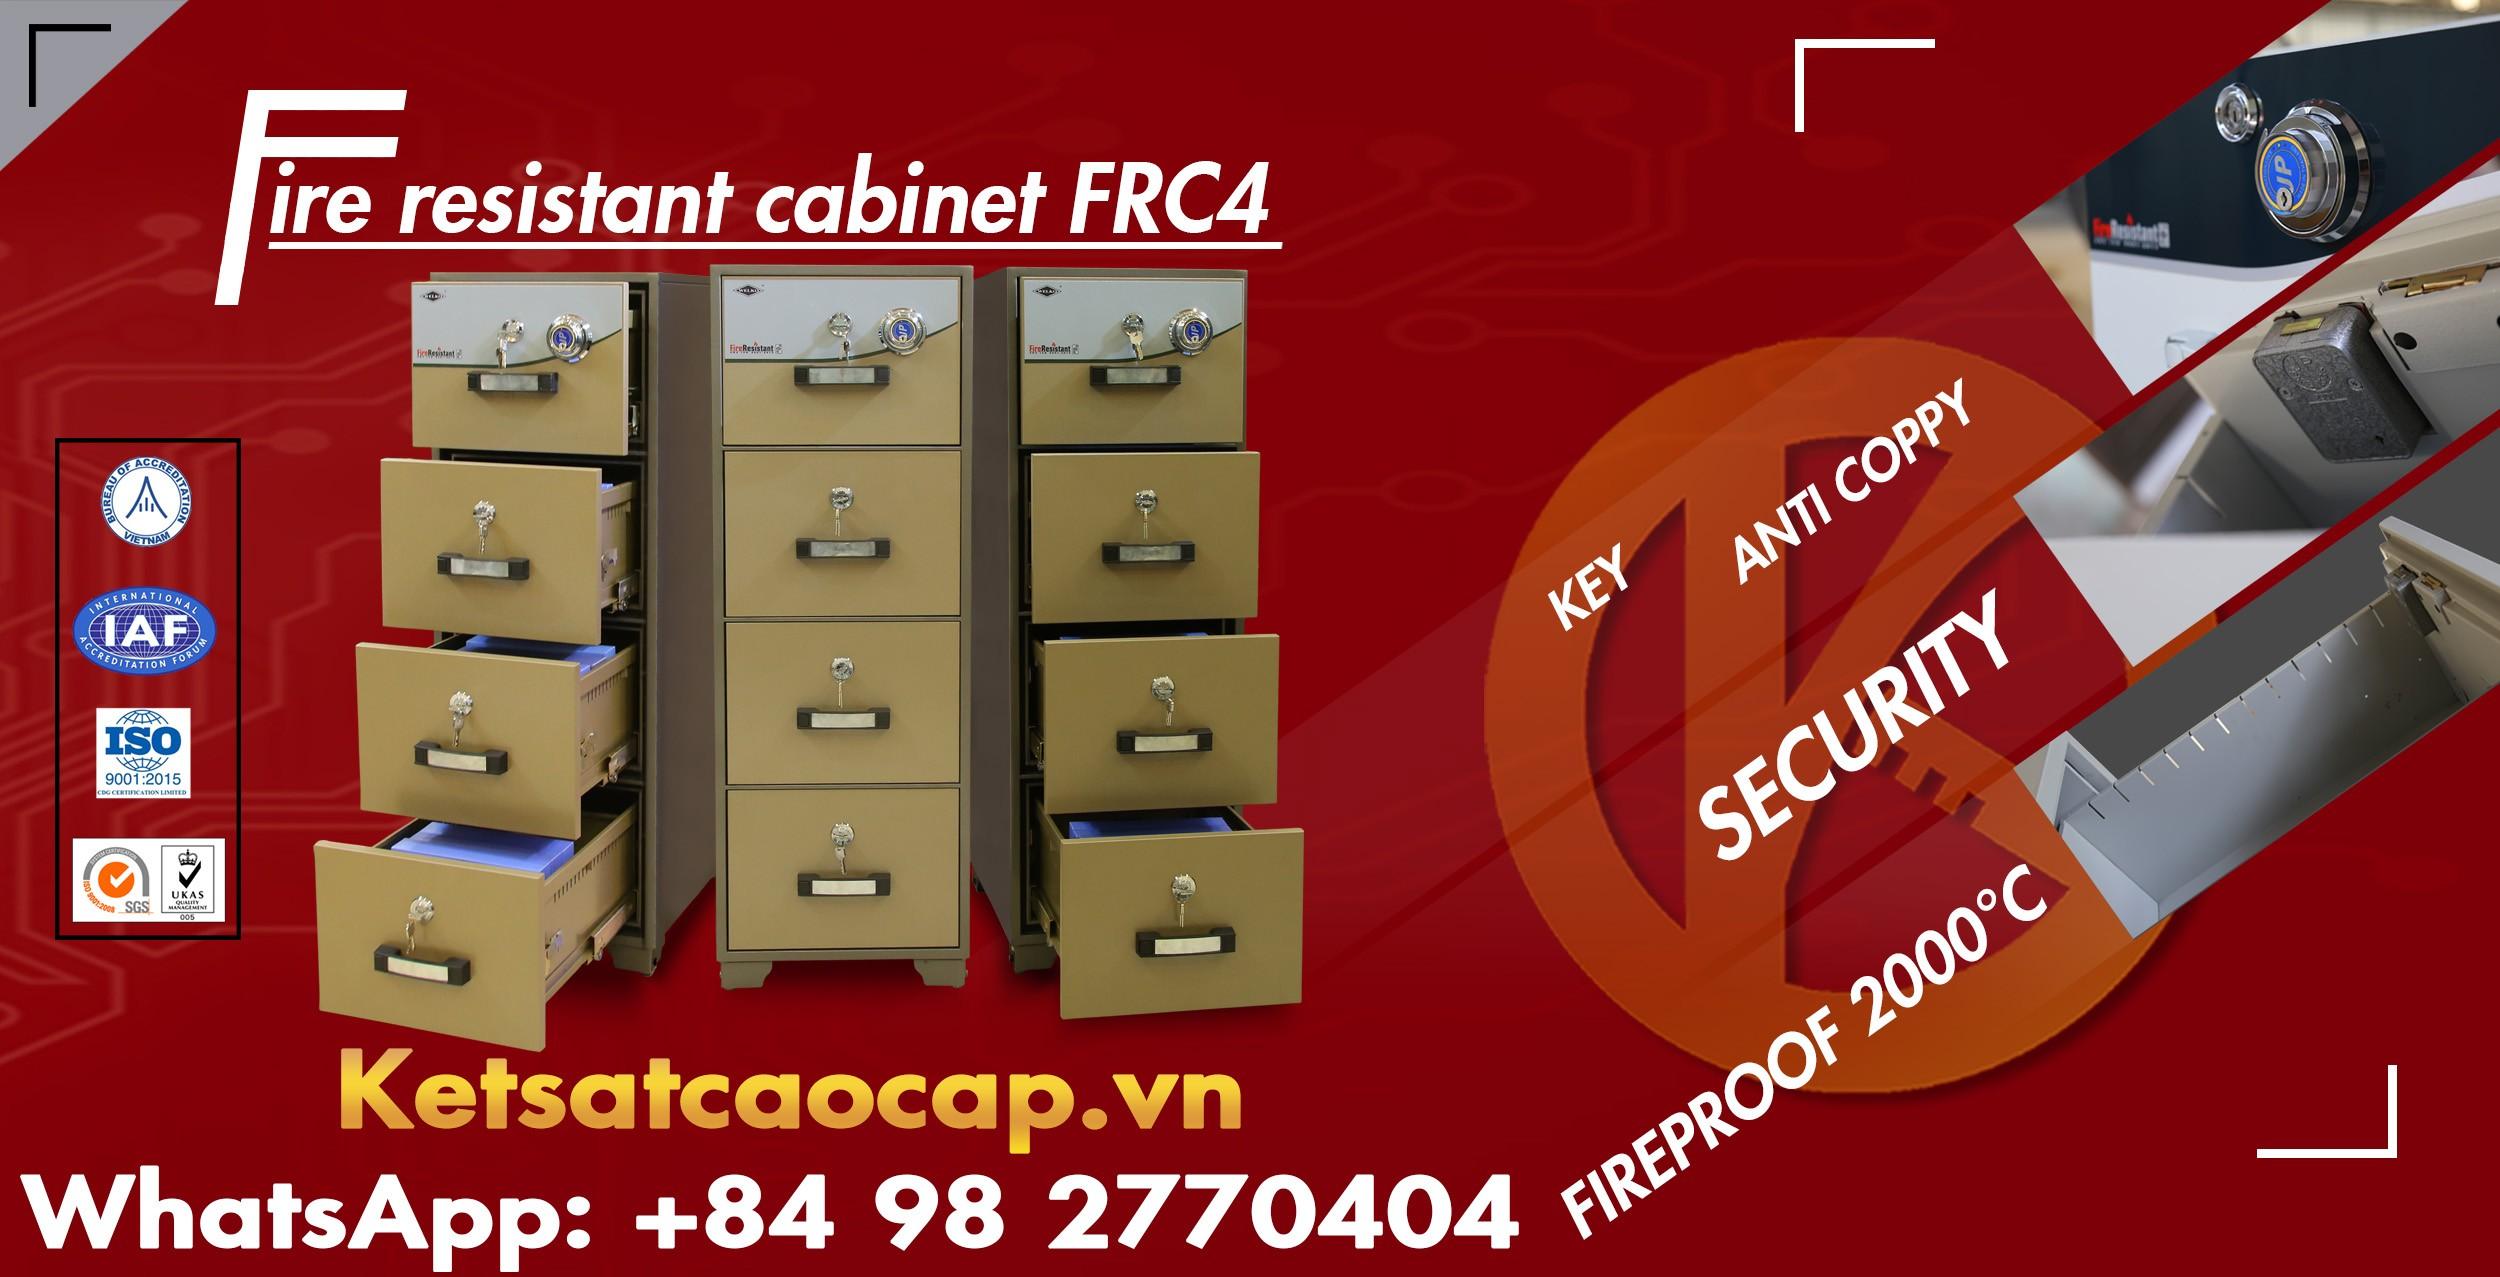 hình ảnh sản phẩm địa chỉ bán tủ hồ sơ ngân hàng chính hãng